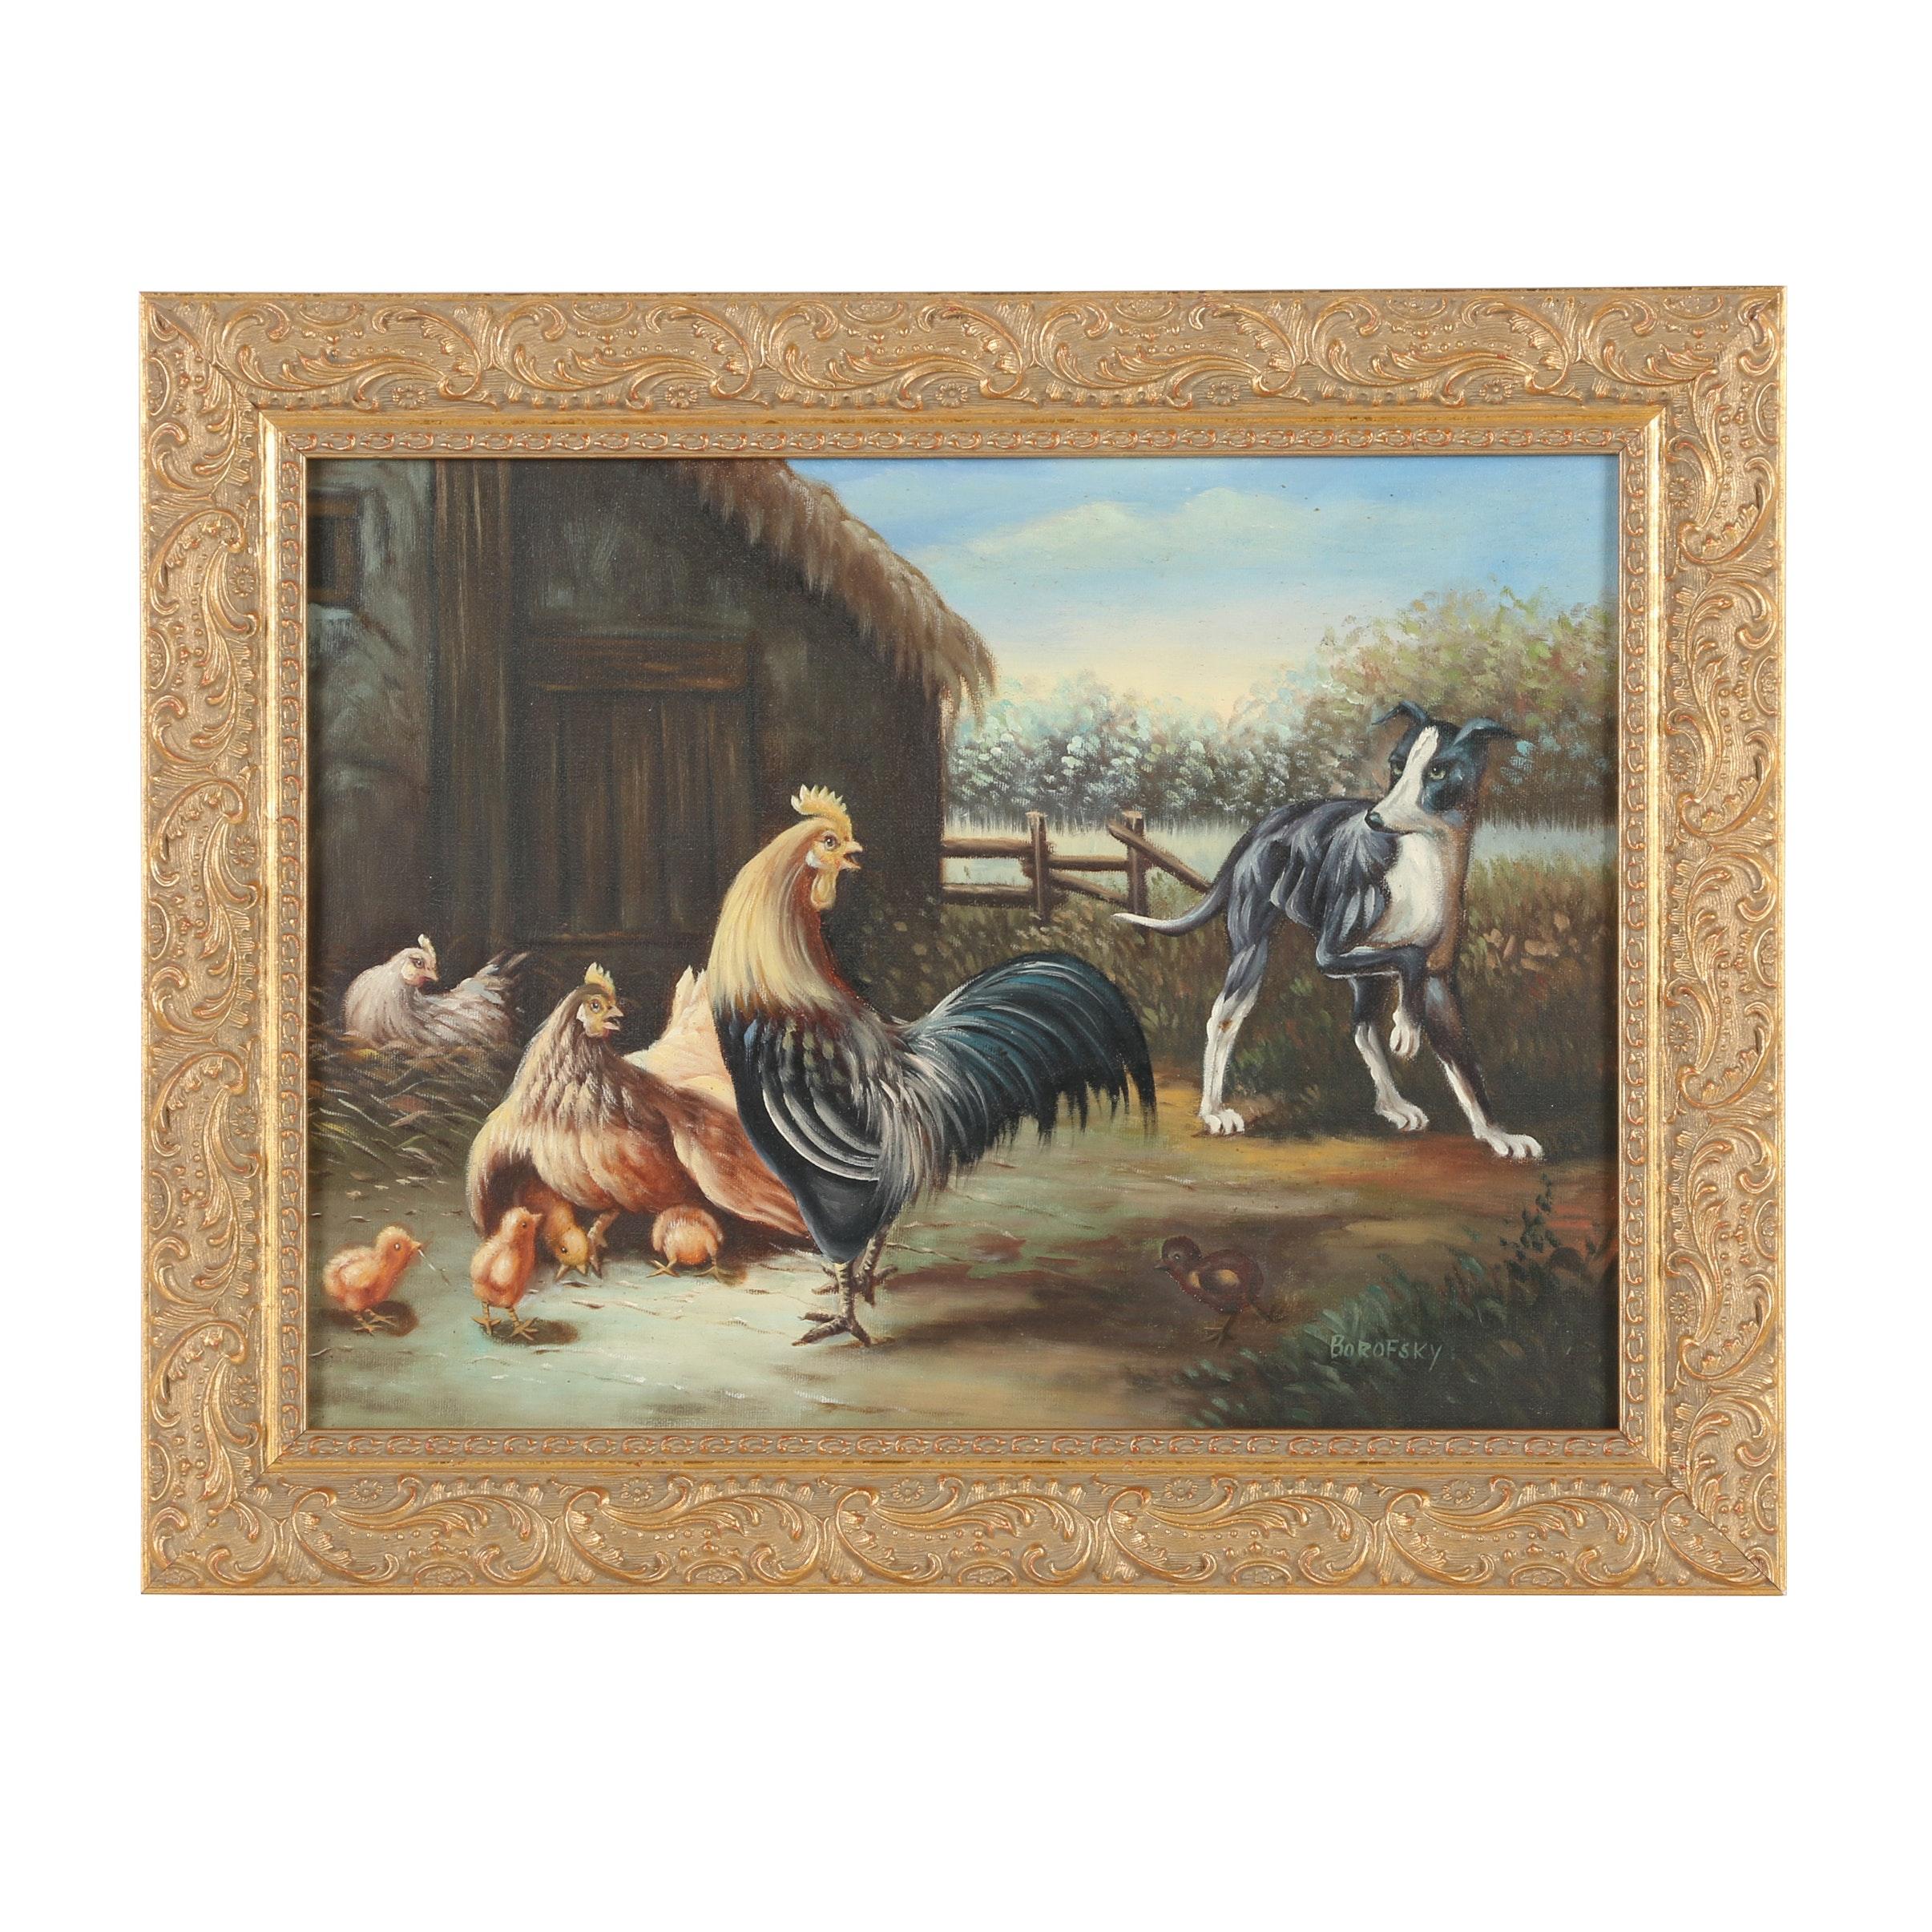 Borofsky Oil Painting of Farm Animals